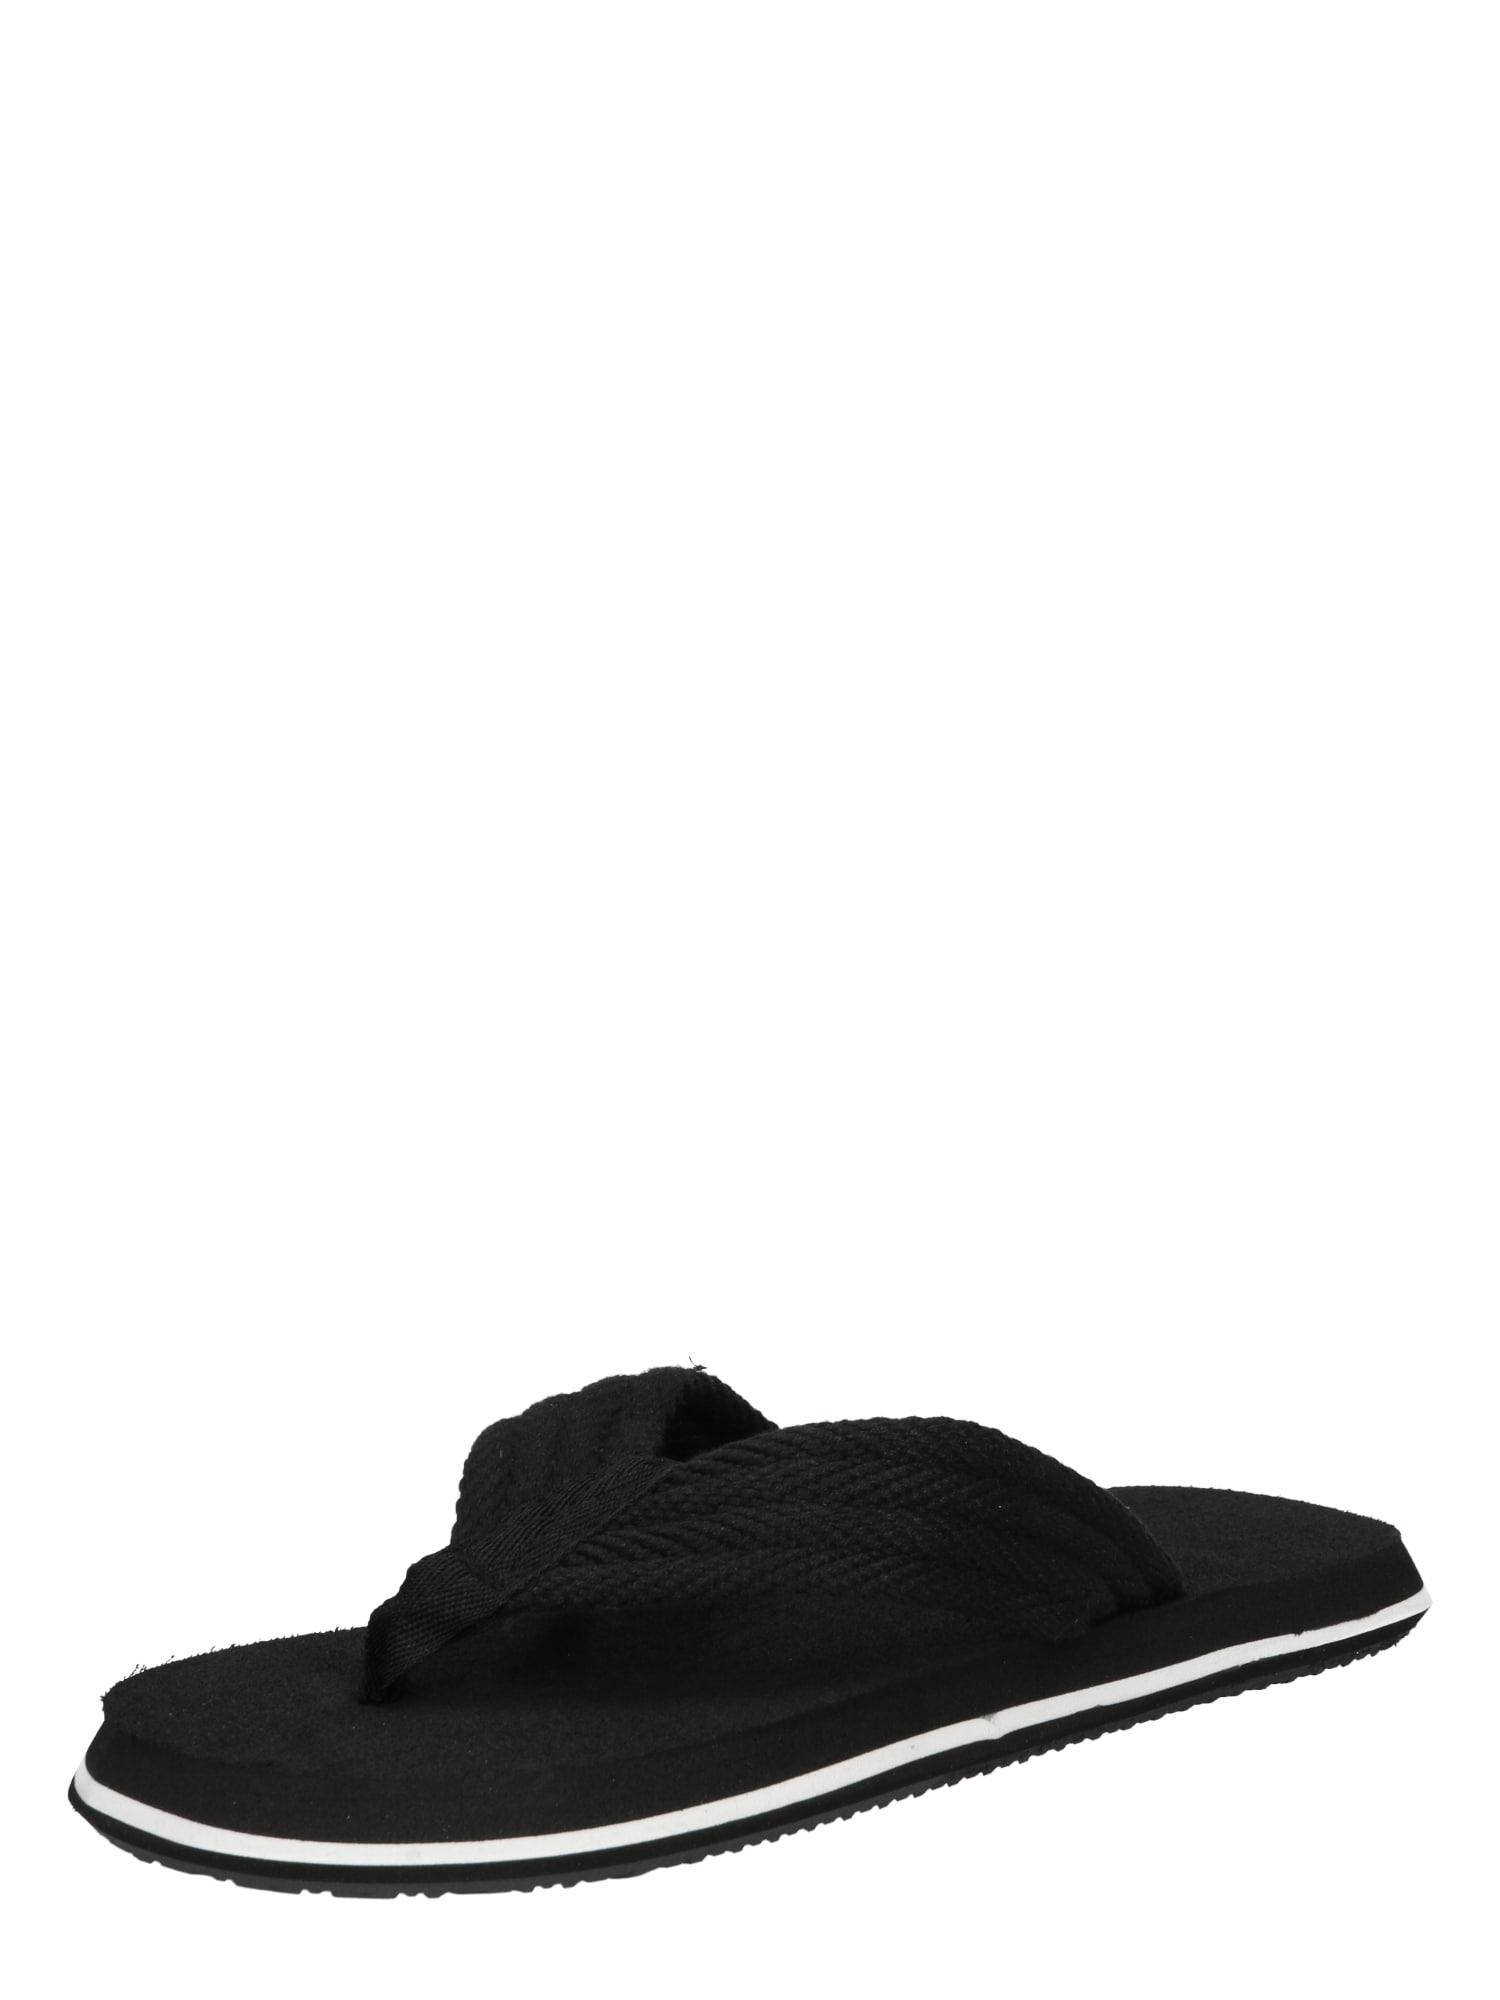 BECK Atviri batai juoda / balta